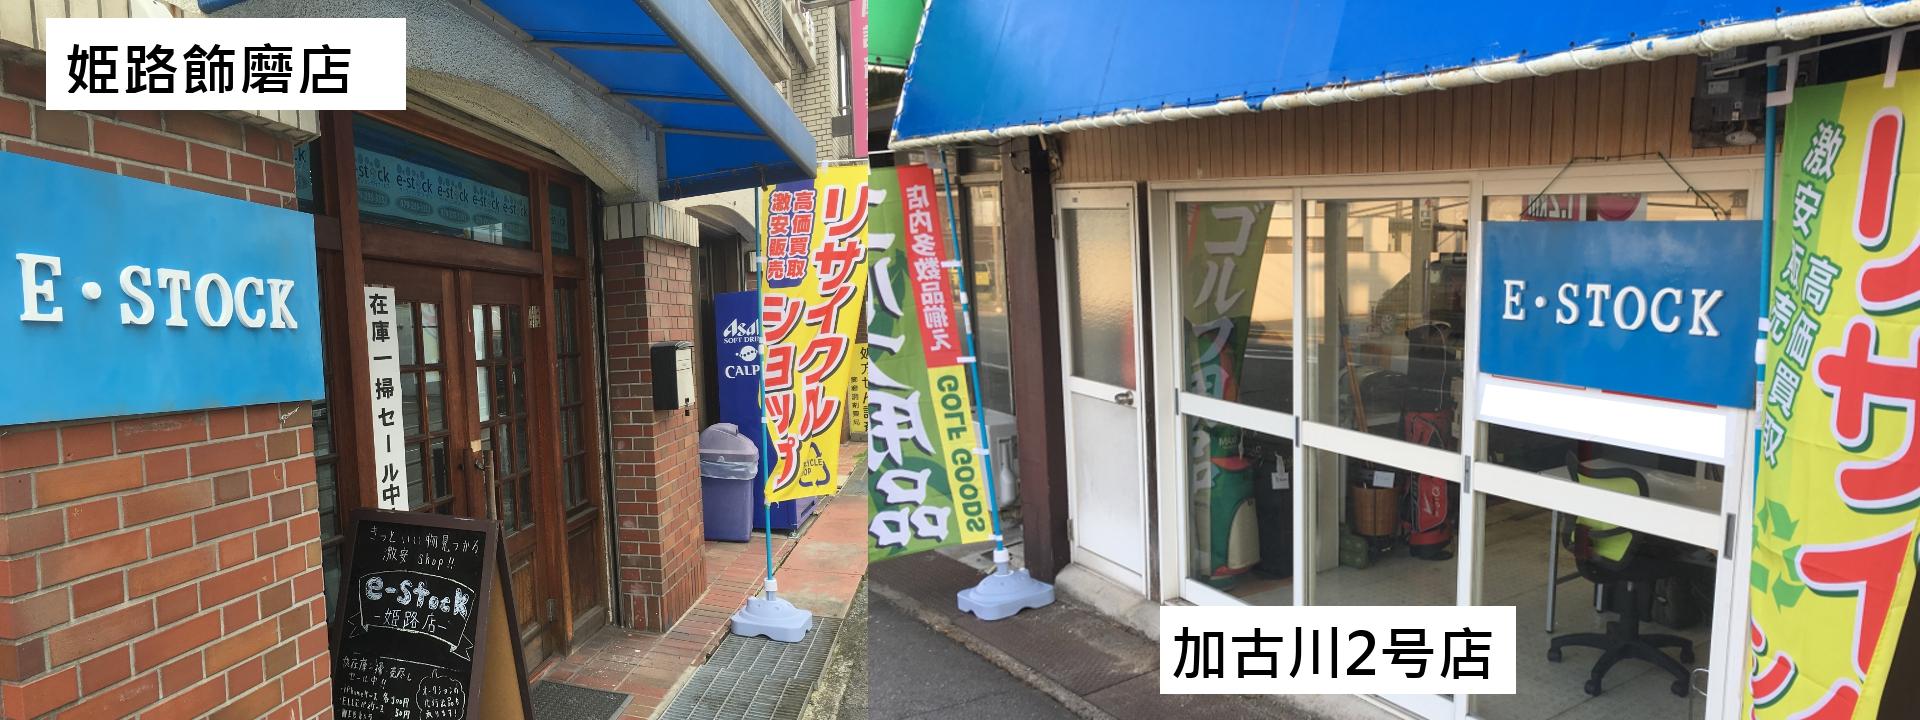 e-stock_store4